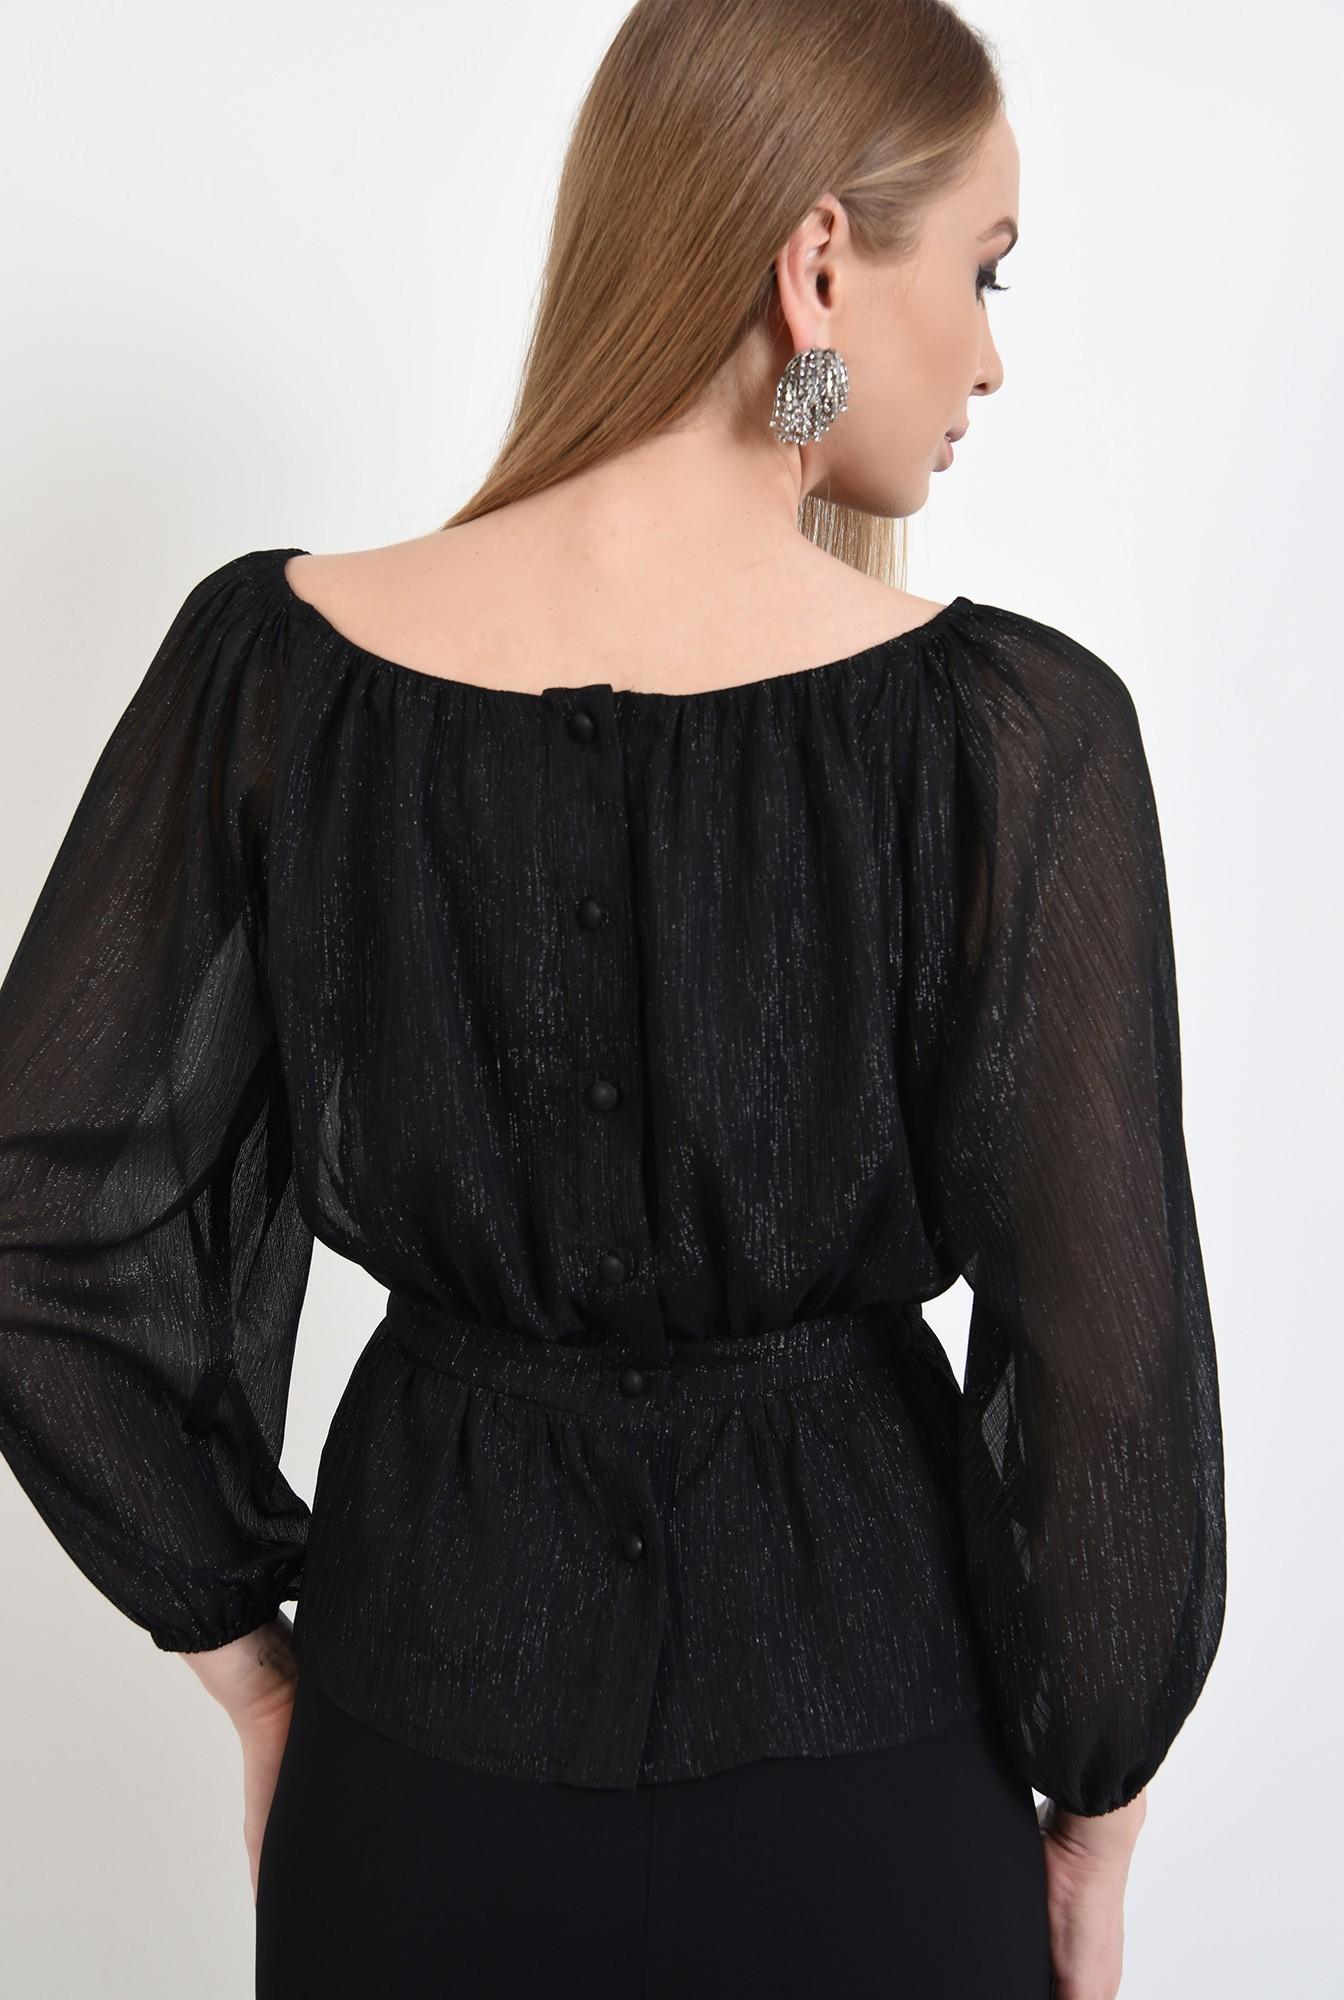 1 - bluza de ocazie, neagra, cu peplum, maneci bufante, nasturi la spate, Poema